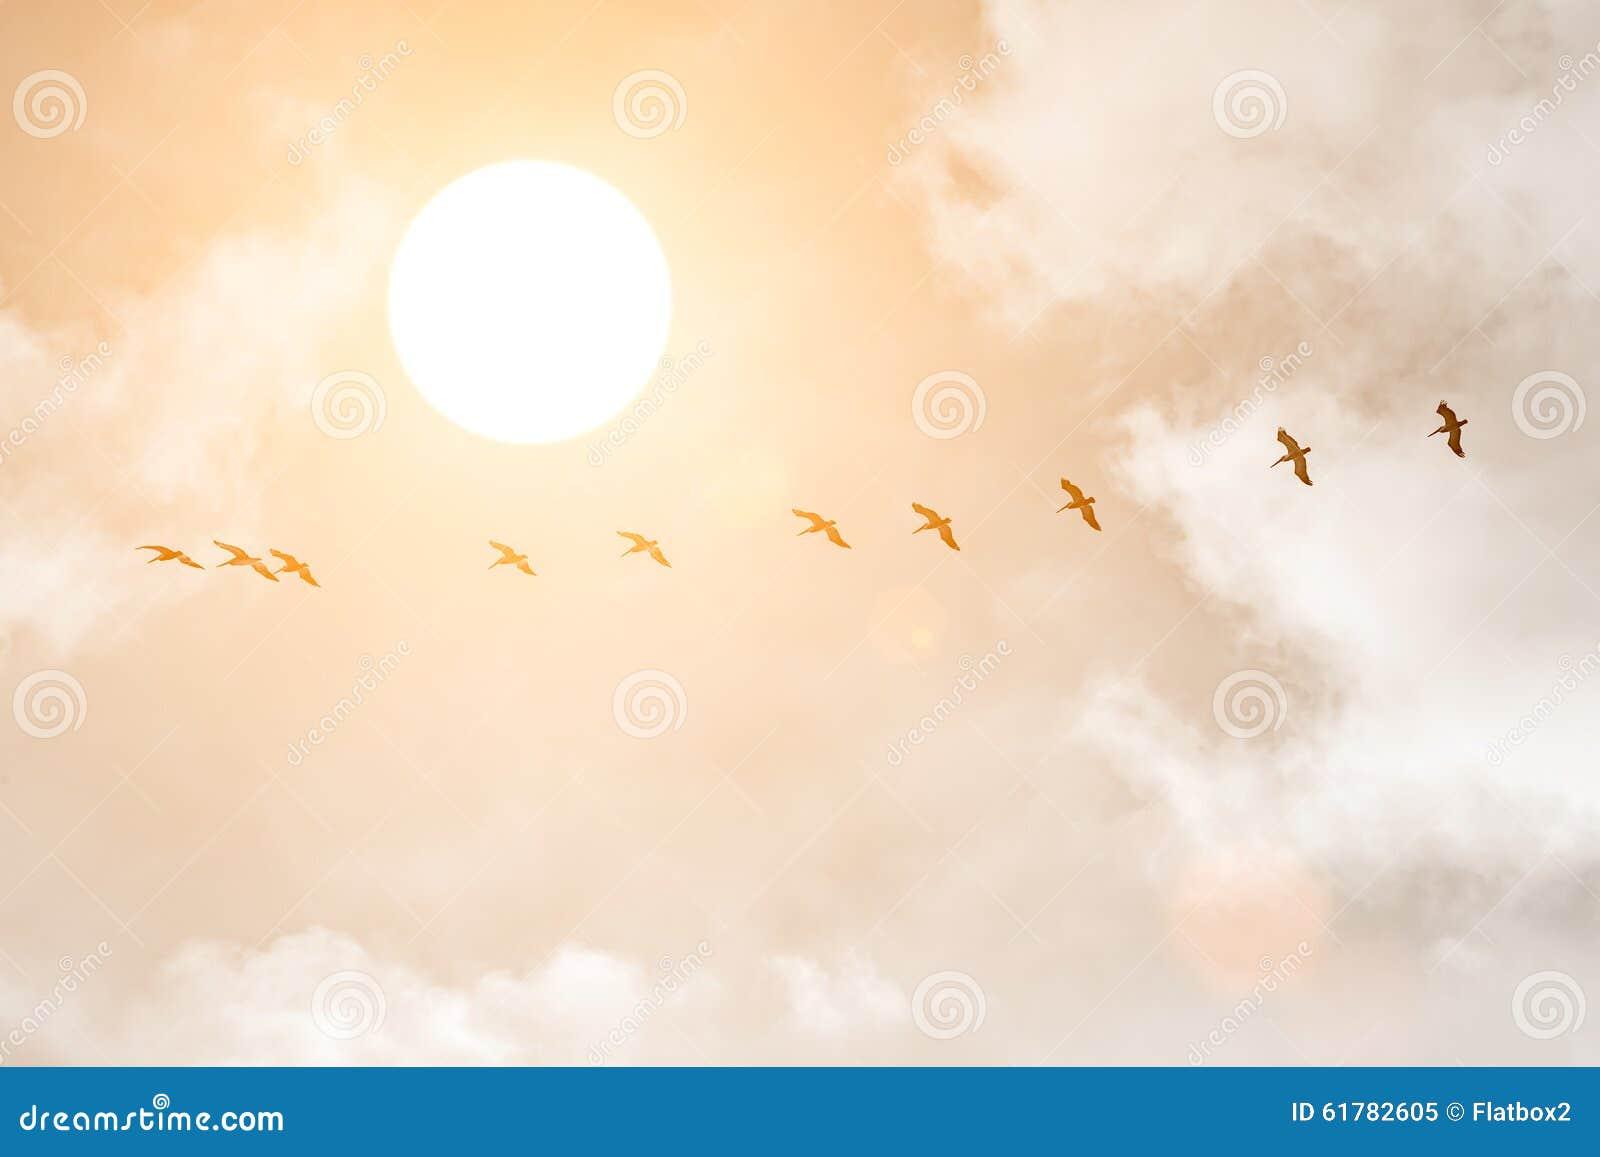 Σκιαγραφίες των μεγάλων άσπρων πελεκάνων στο ηλιοβασίλεμα